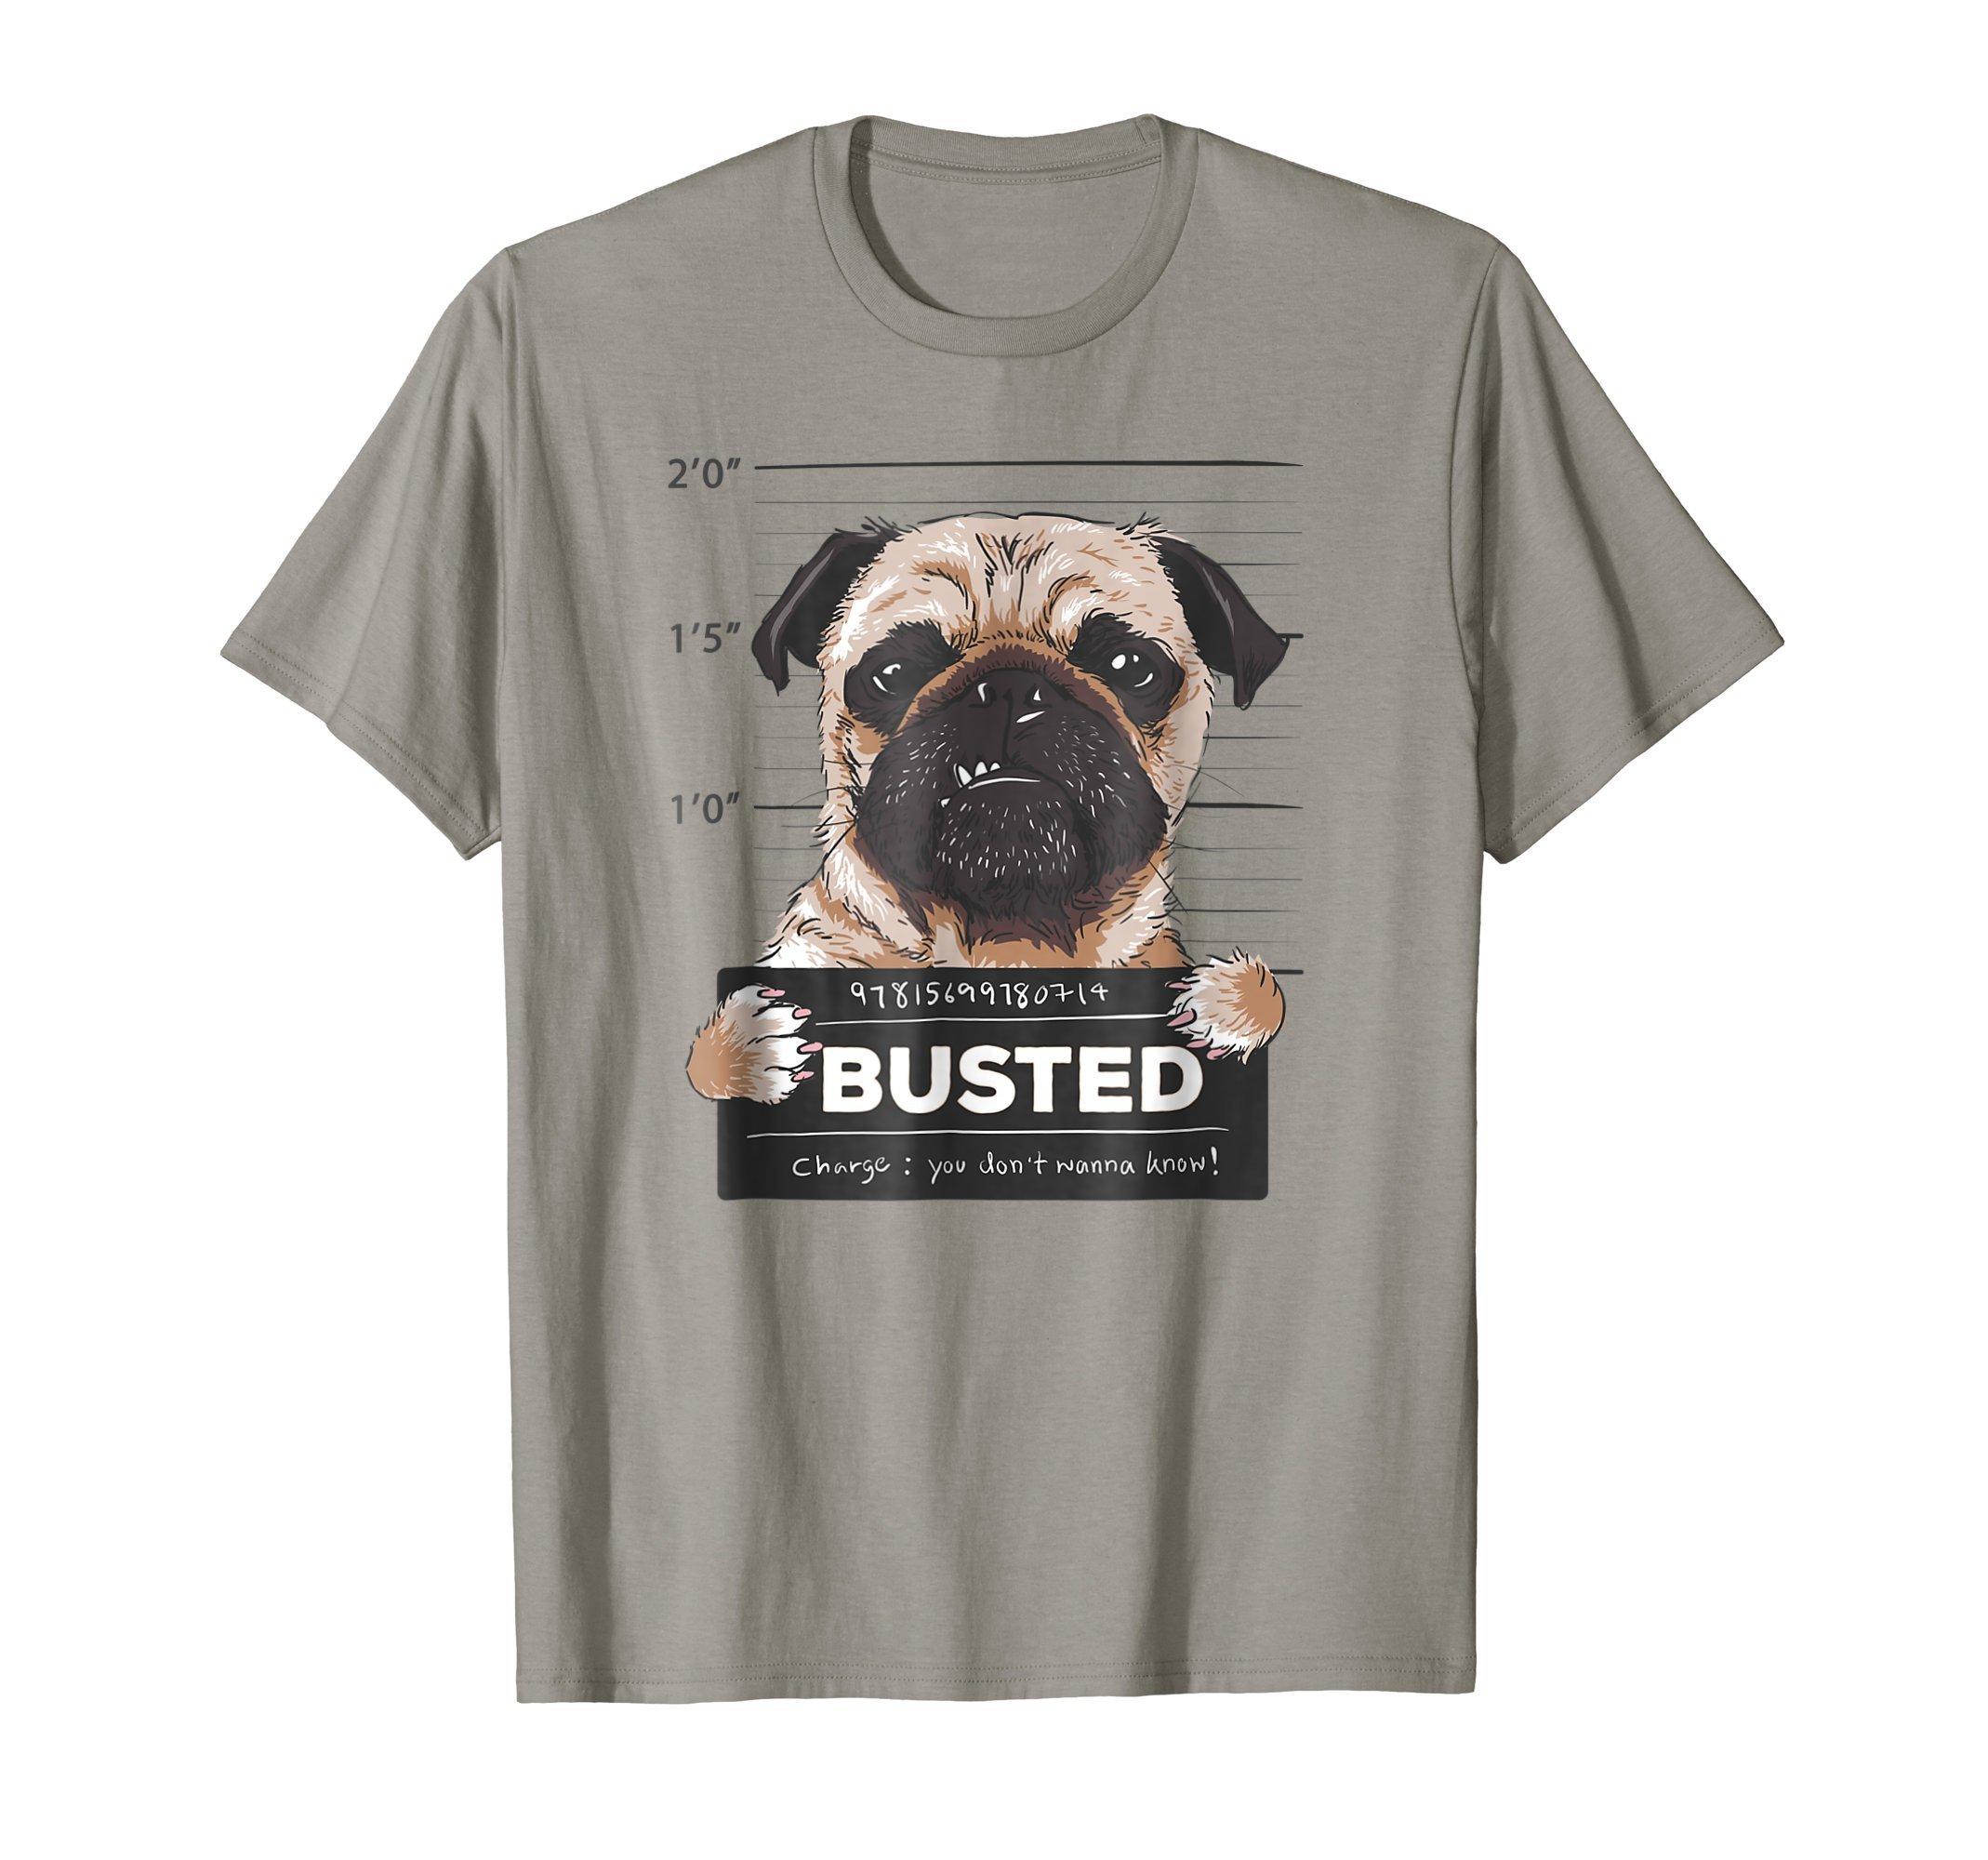 Busted-Pug-Humor-Funny-T-Shirt-Shirt-Tee-Gift